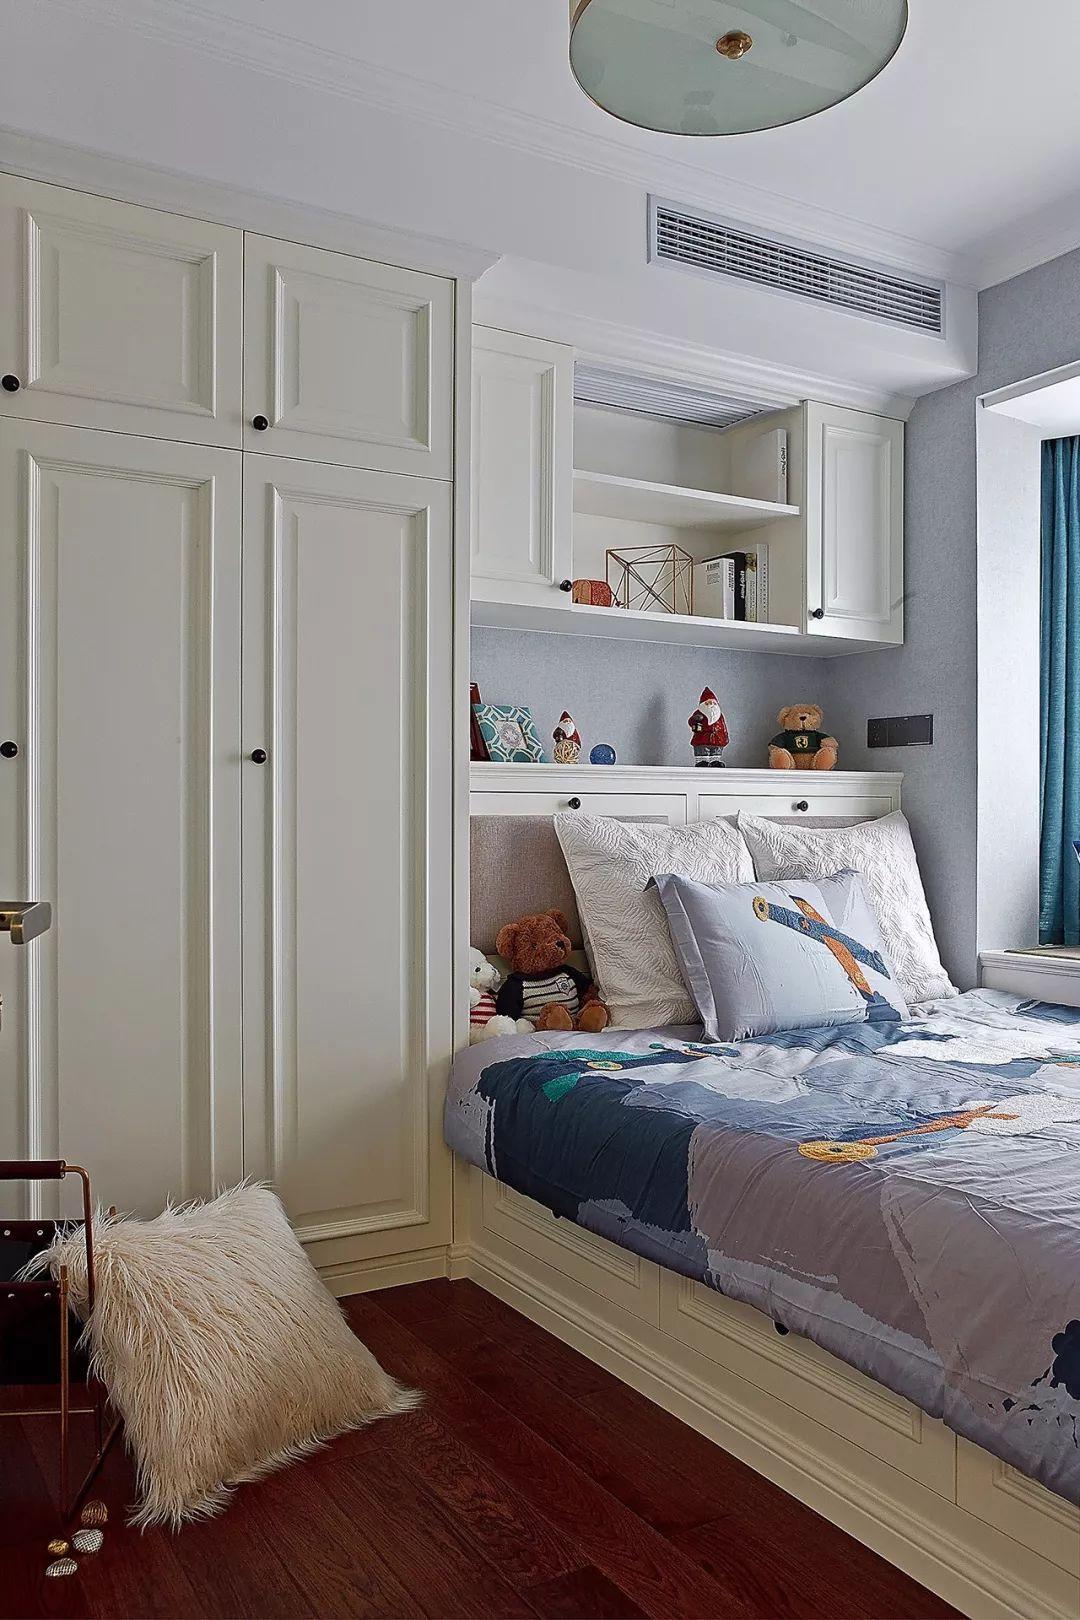 榻榻米床头的设计特别好,既是床屏,也是收纳柜,一举两得